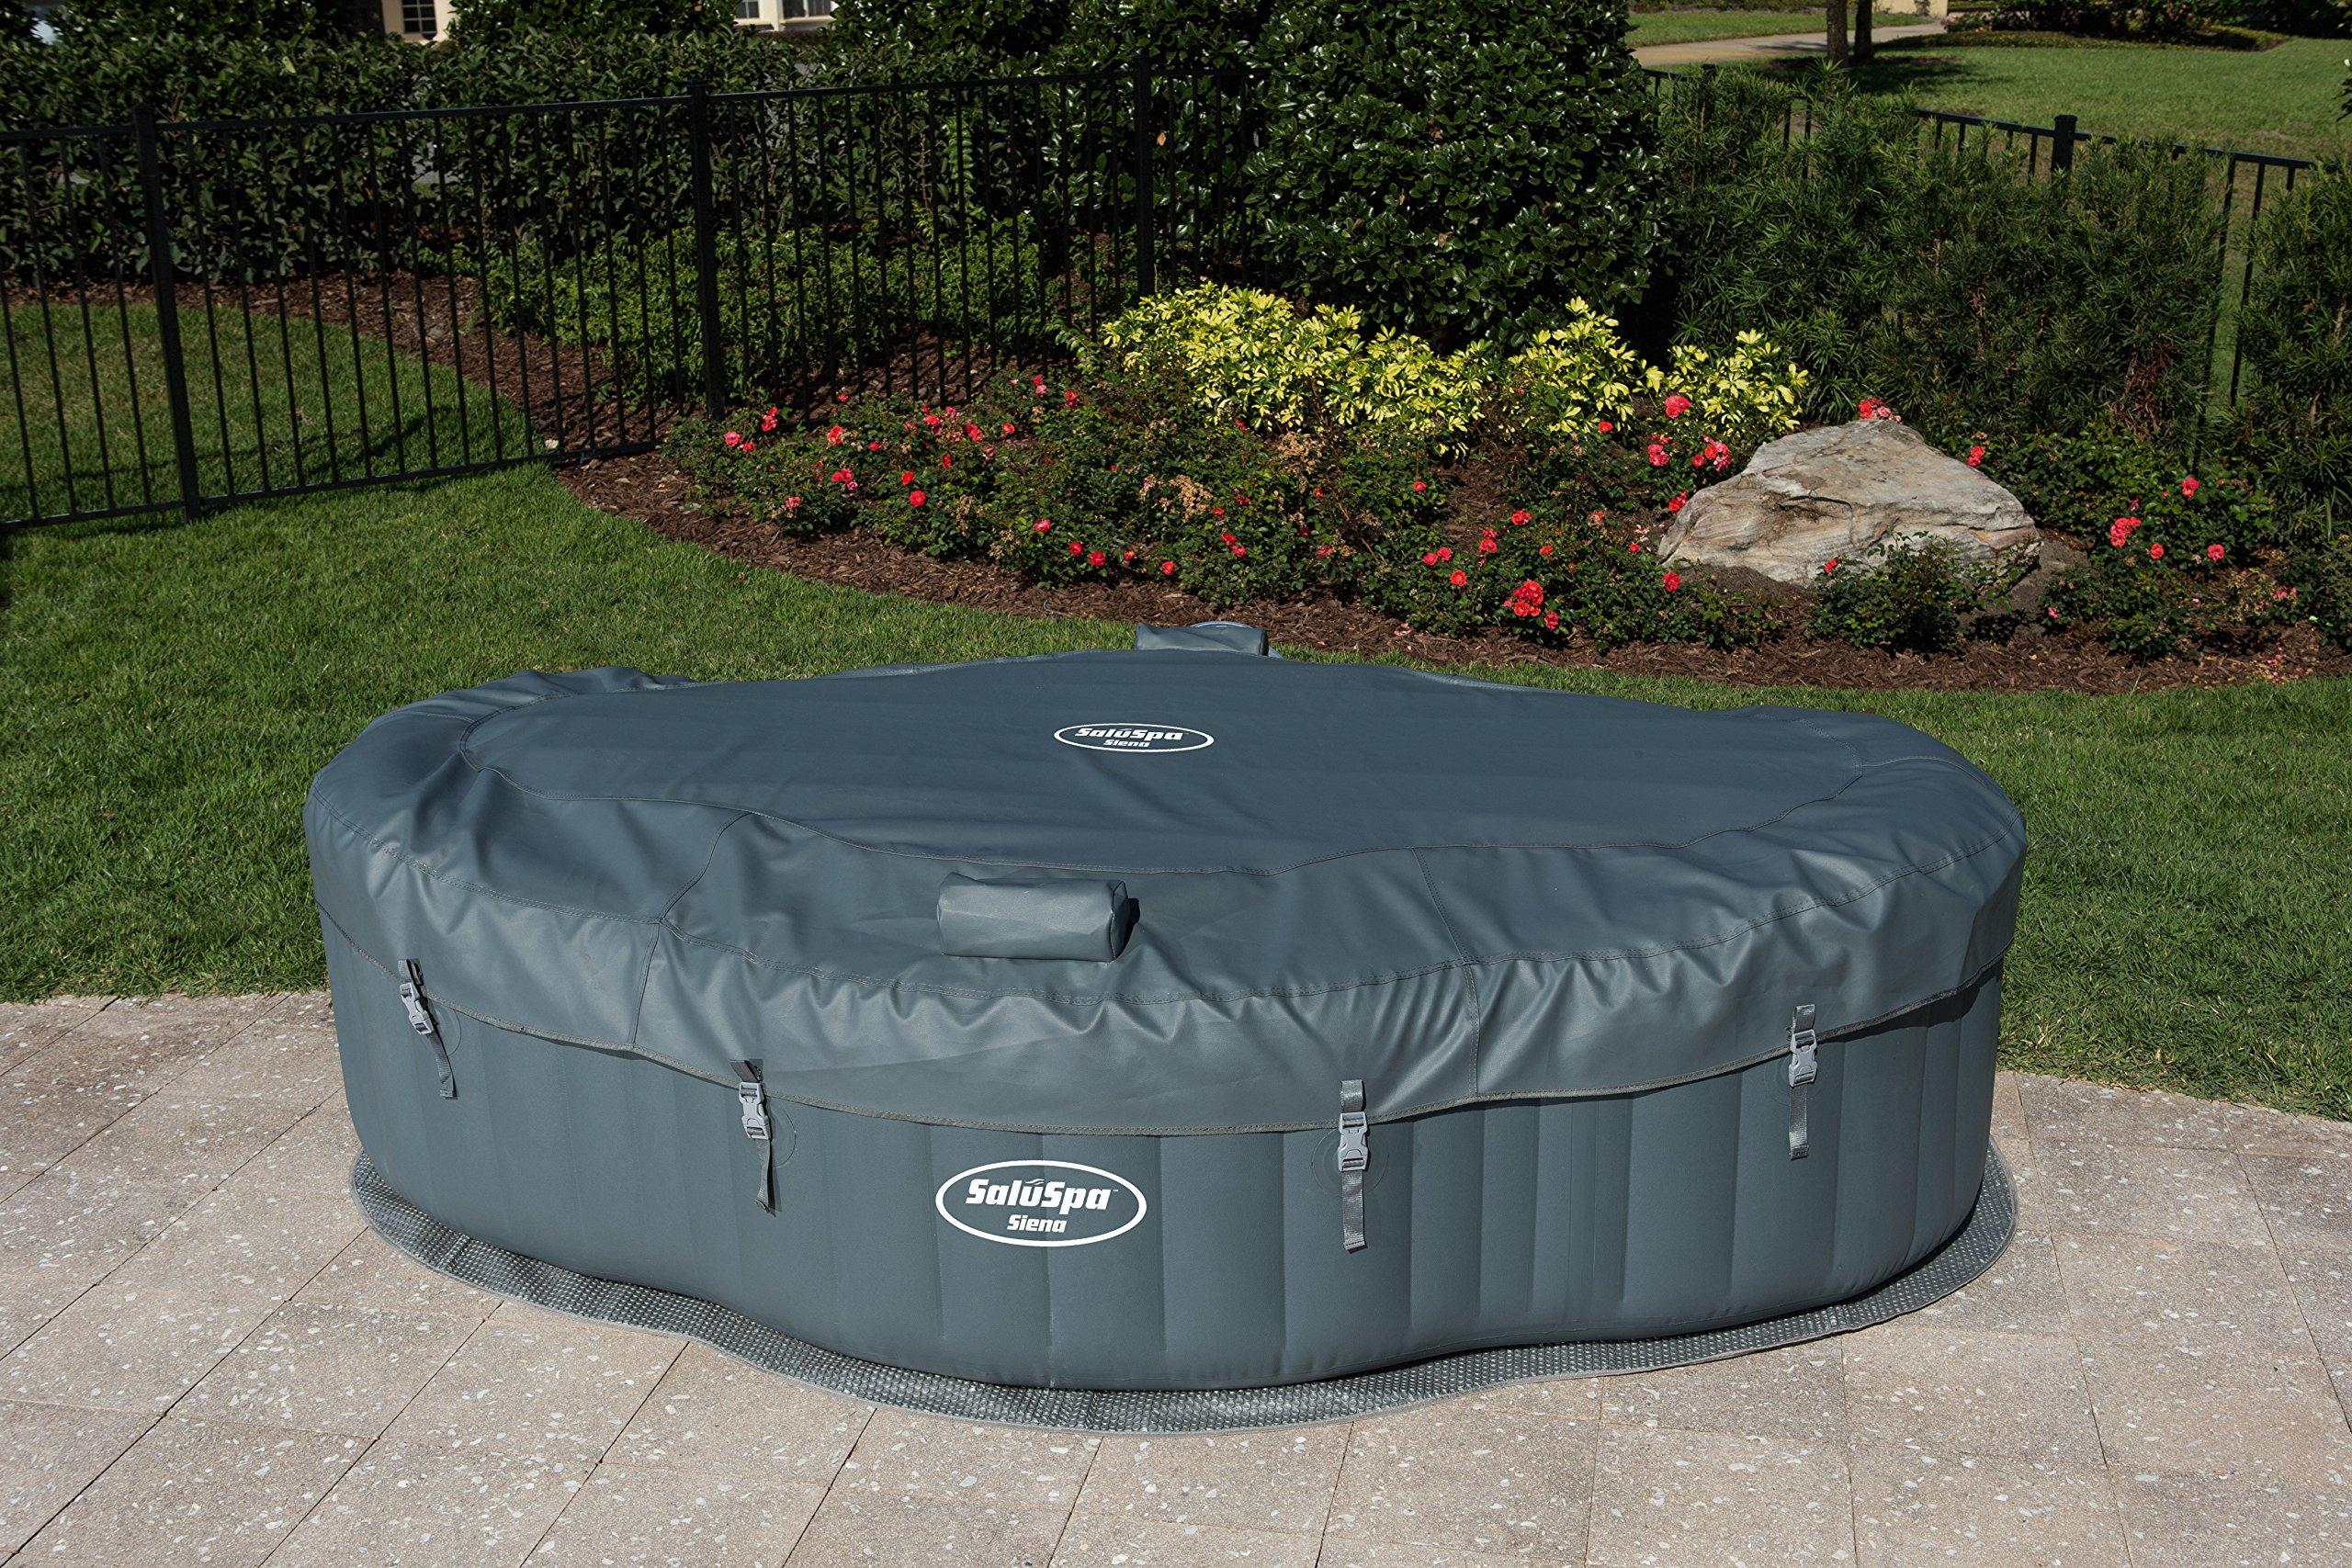 SaluSpa Siena AirJet Inflatable Hot Tub by Bestway